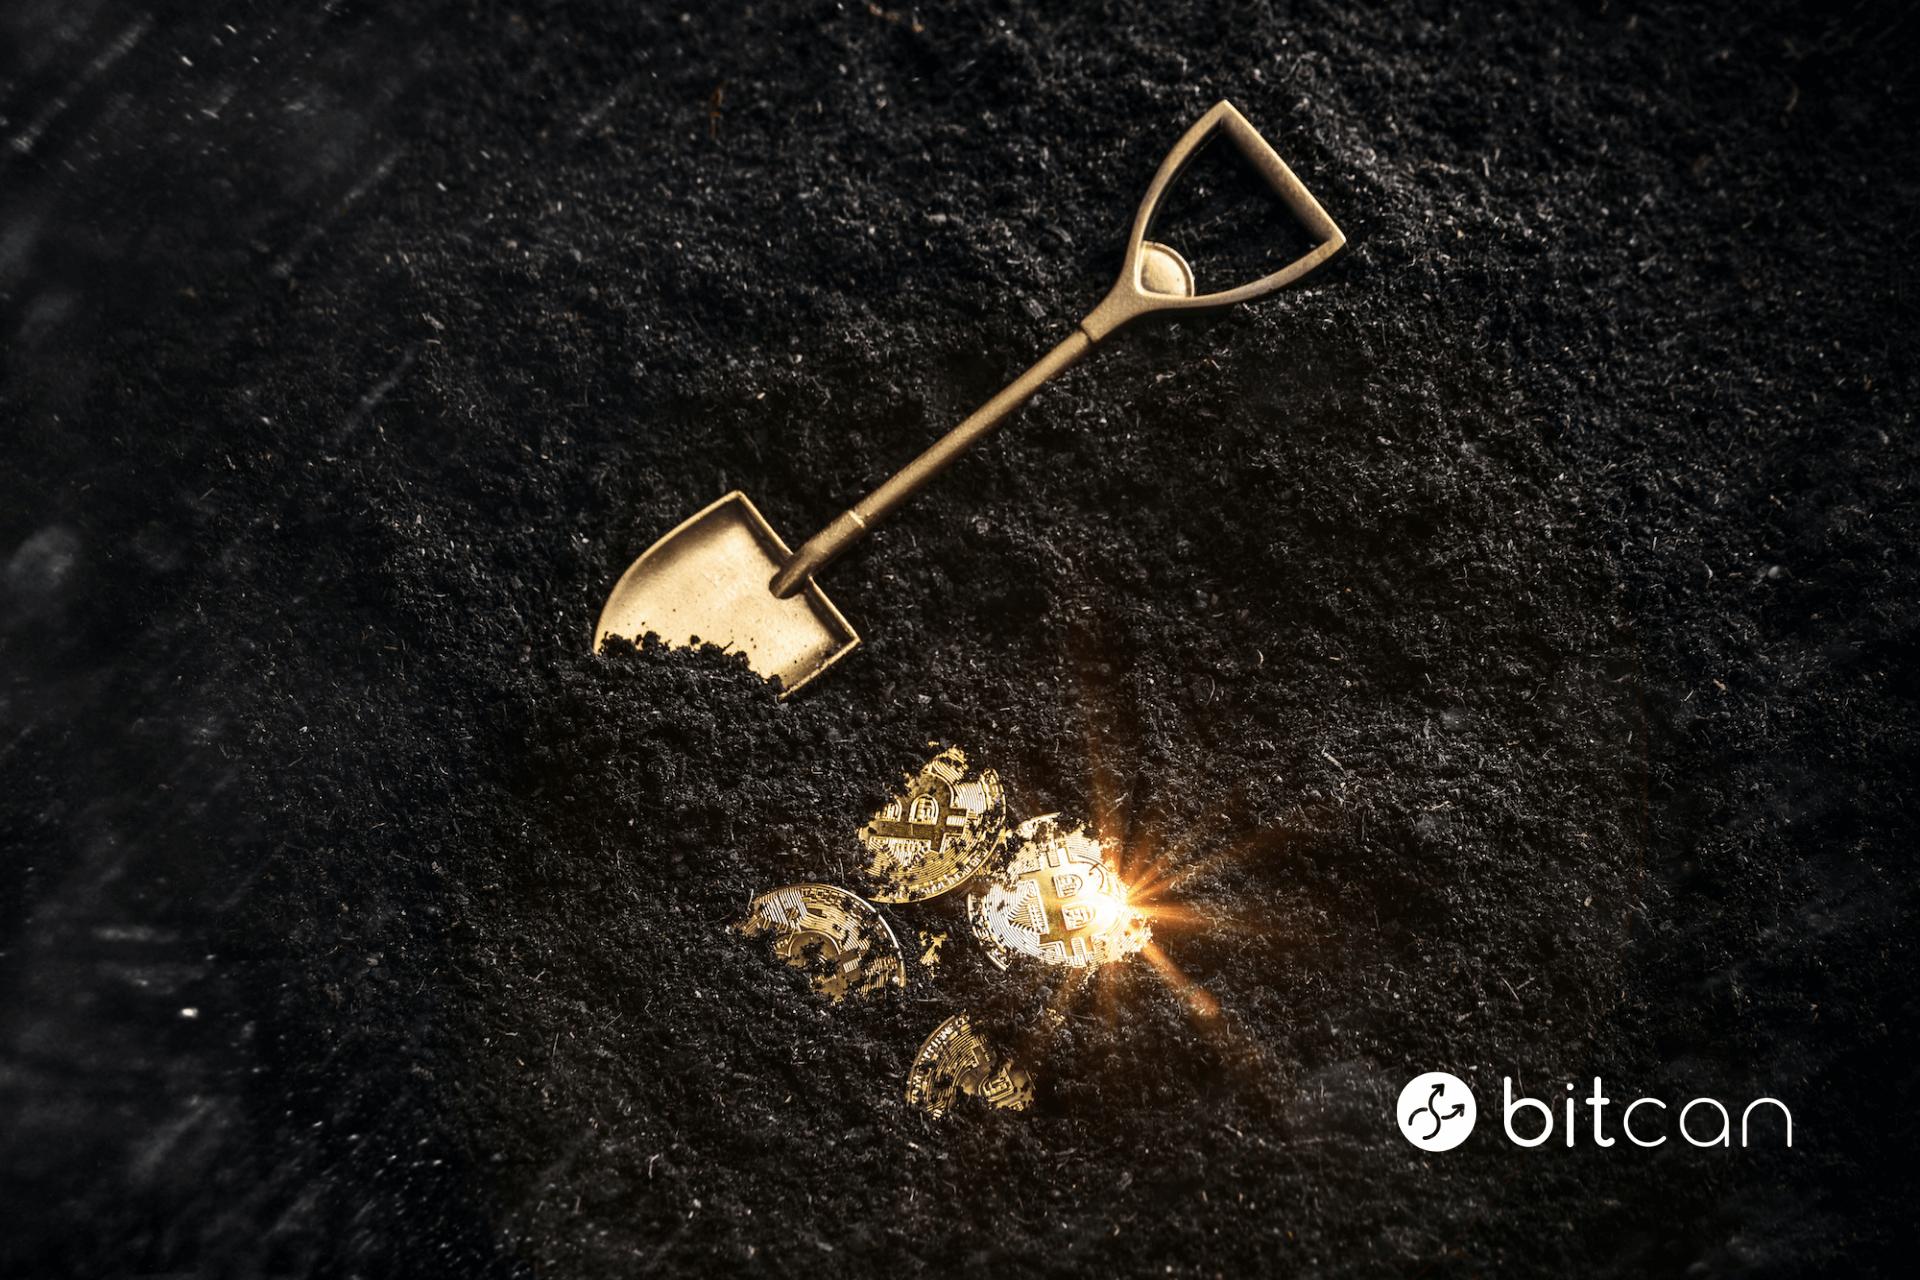 Dlaczego bitcoin jest nazywany cyfrowym złotem?